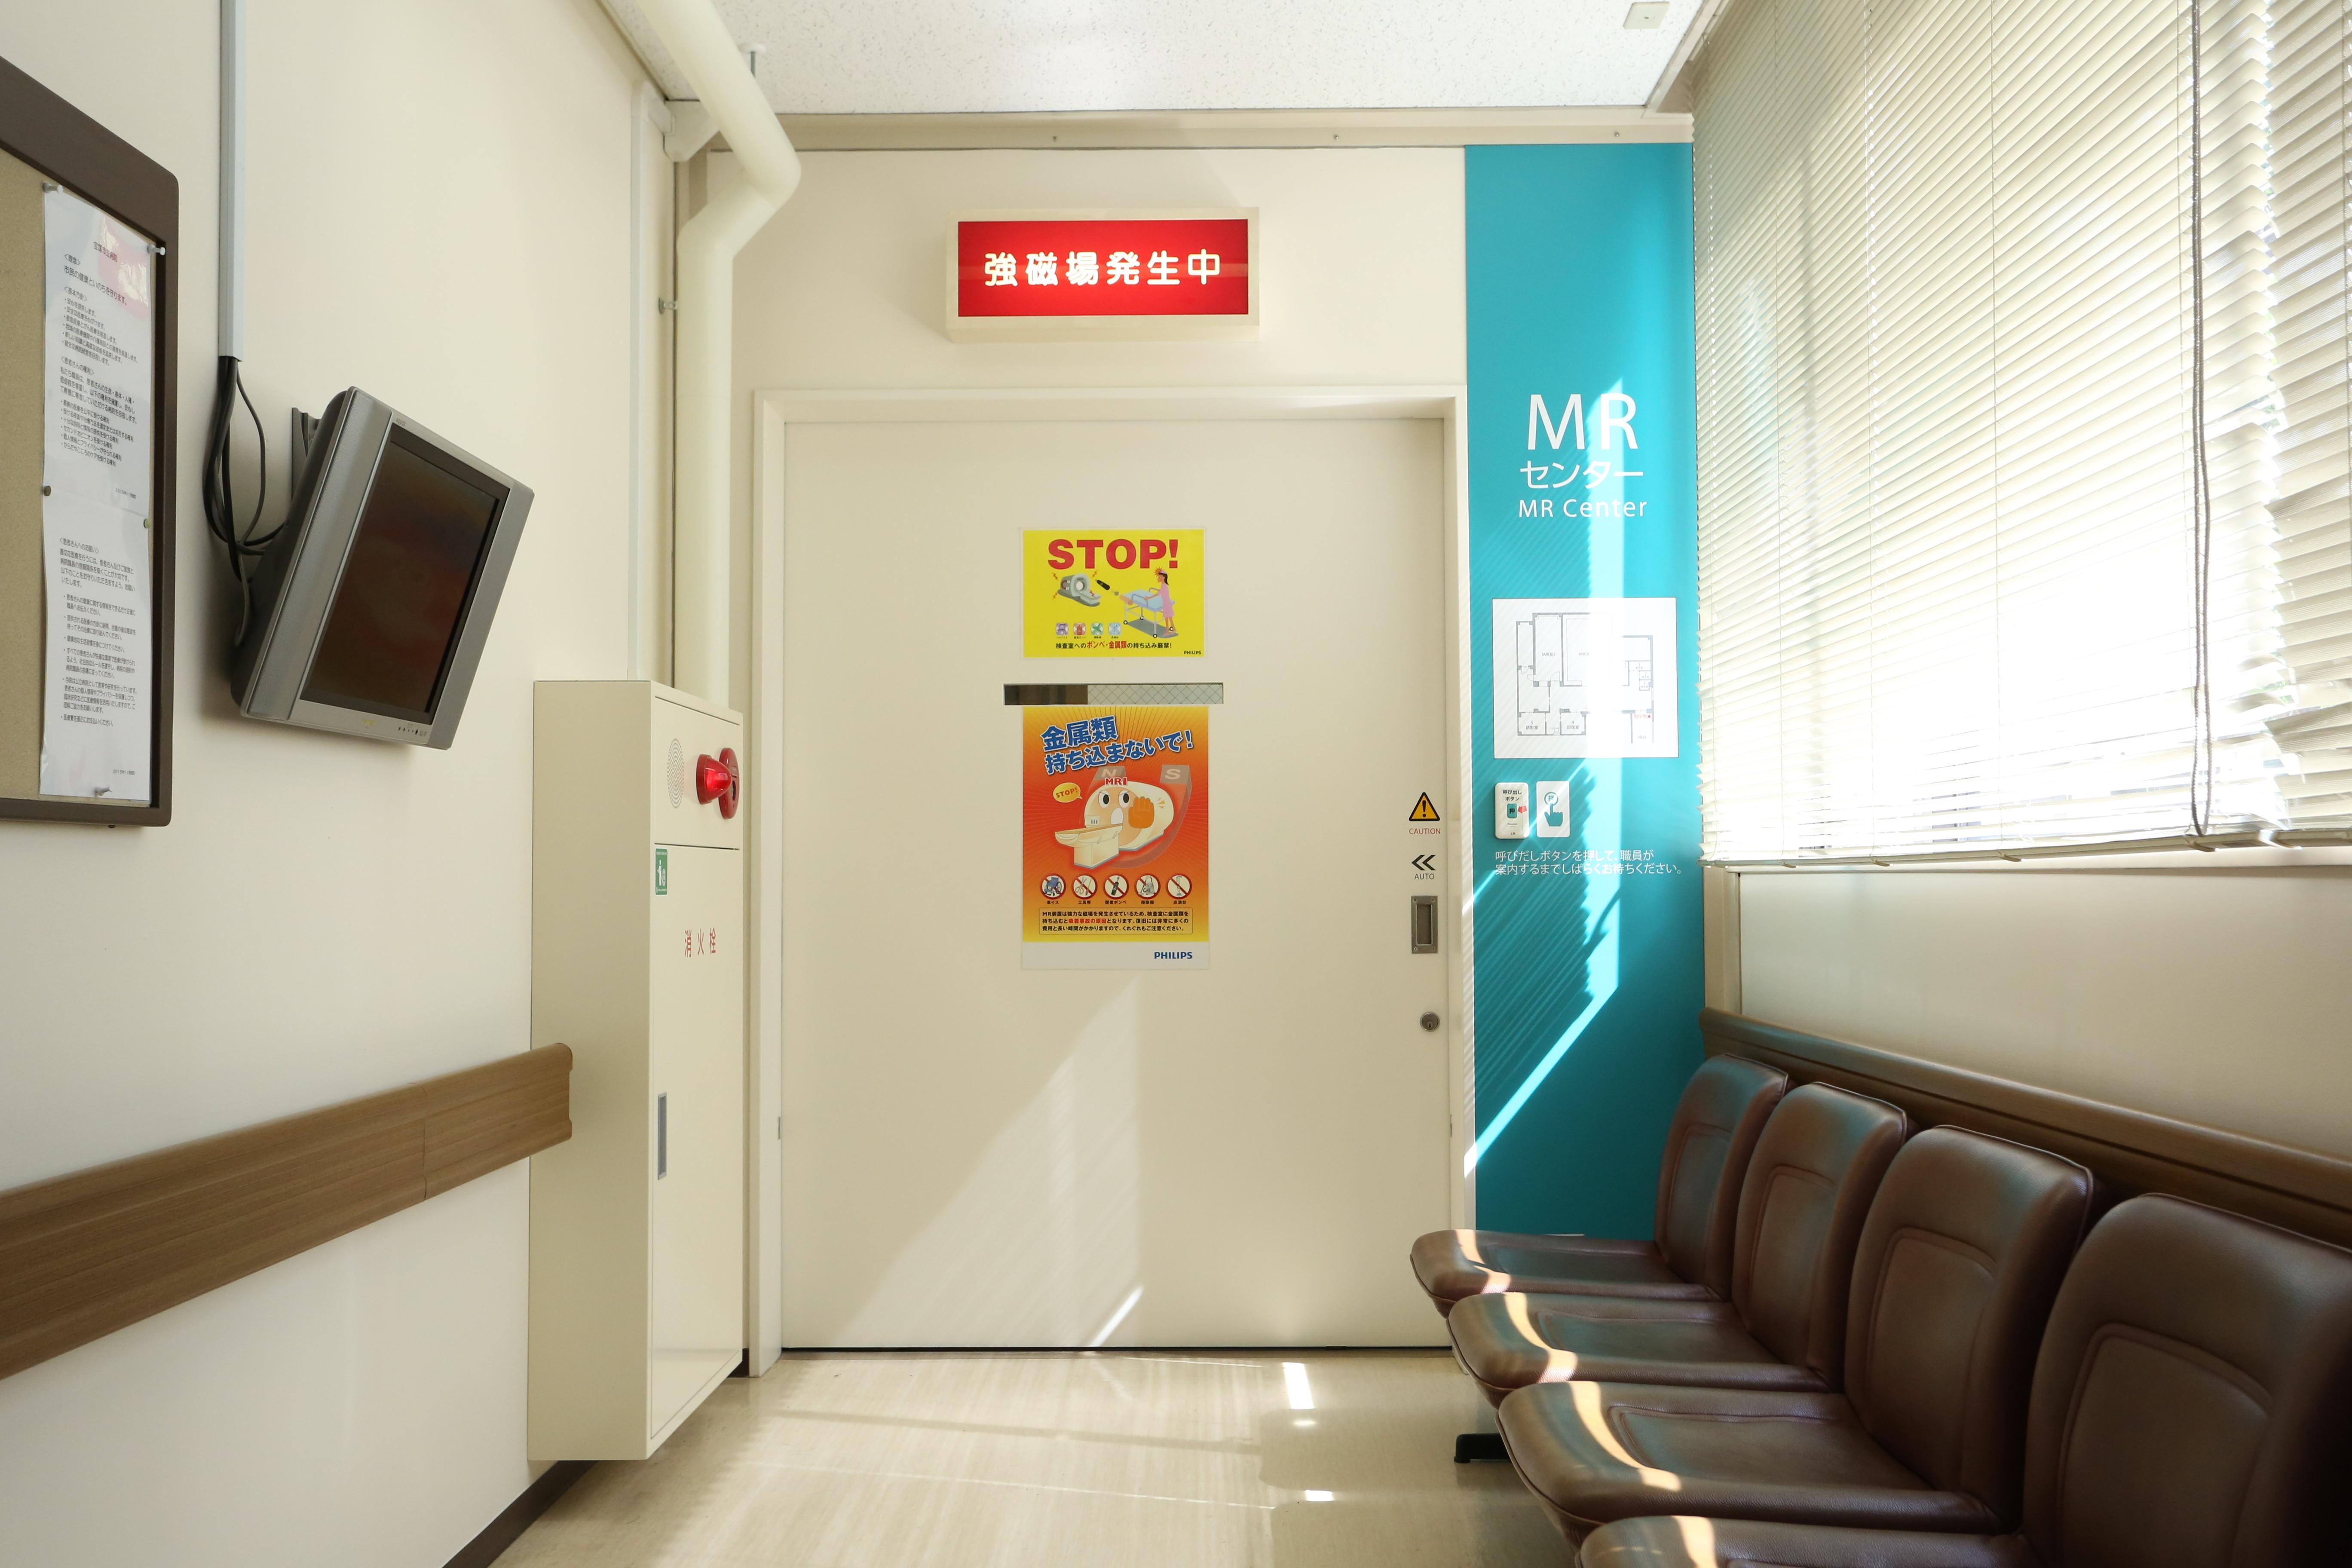 宝塚市 MRI棟増築工事イメージ03